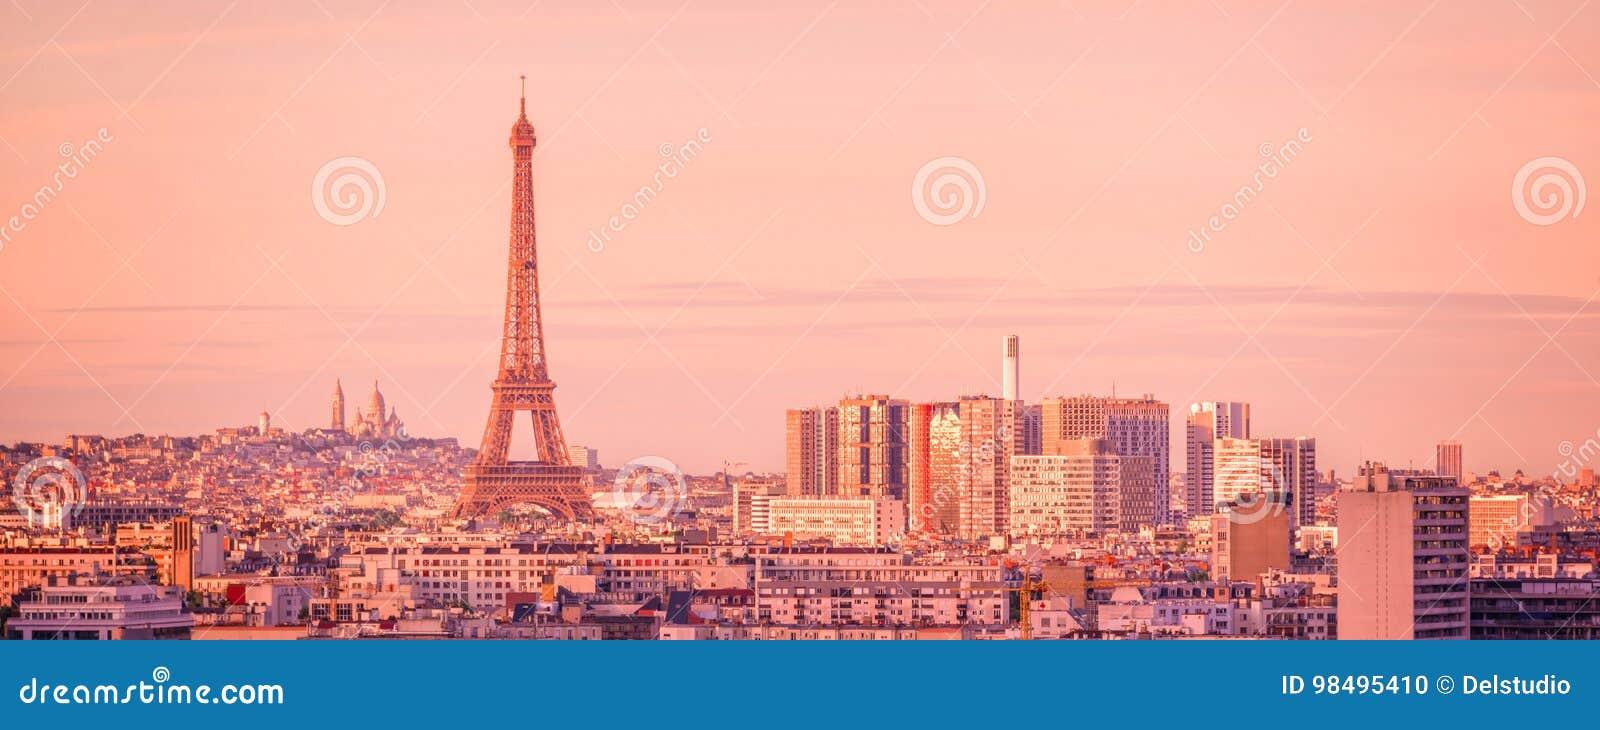 Horizonte panorámico de París con la torre Eiffel en la puesta del sol, Montmartre en el fondo, Francia